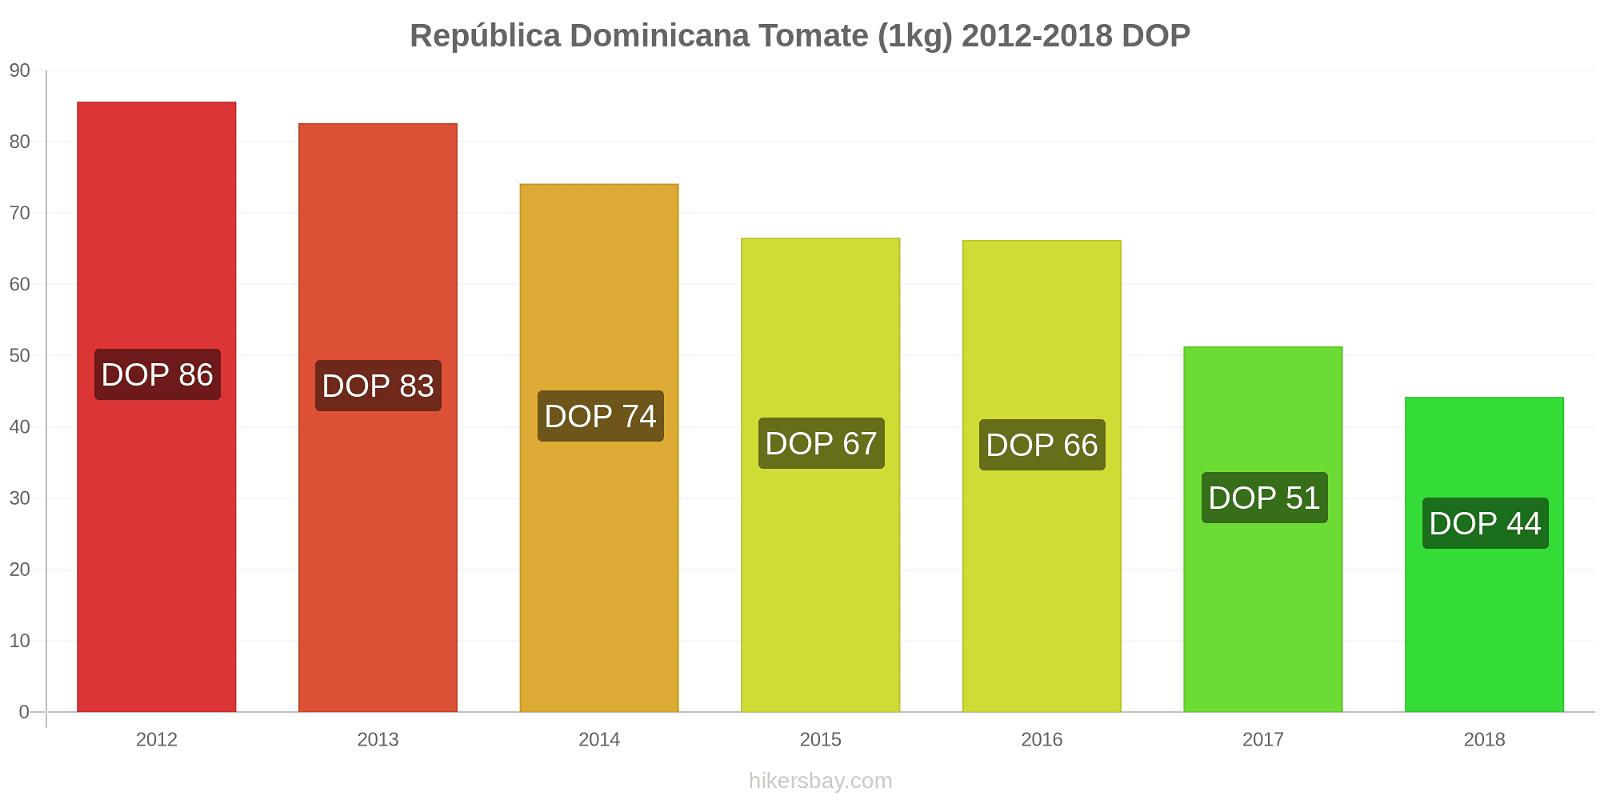 República Dominicana variação de preço Tomate (1kg) hikersbay.com